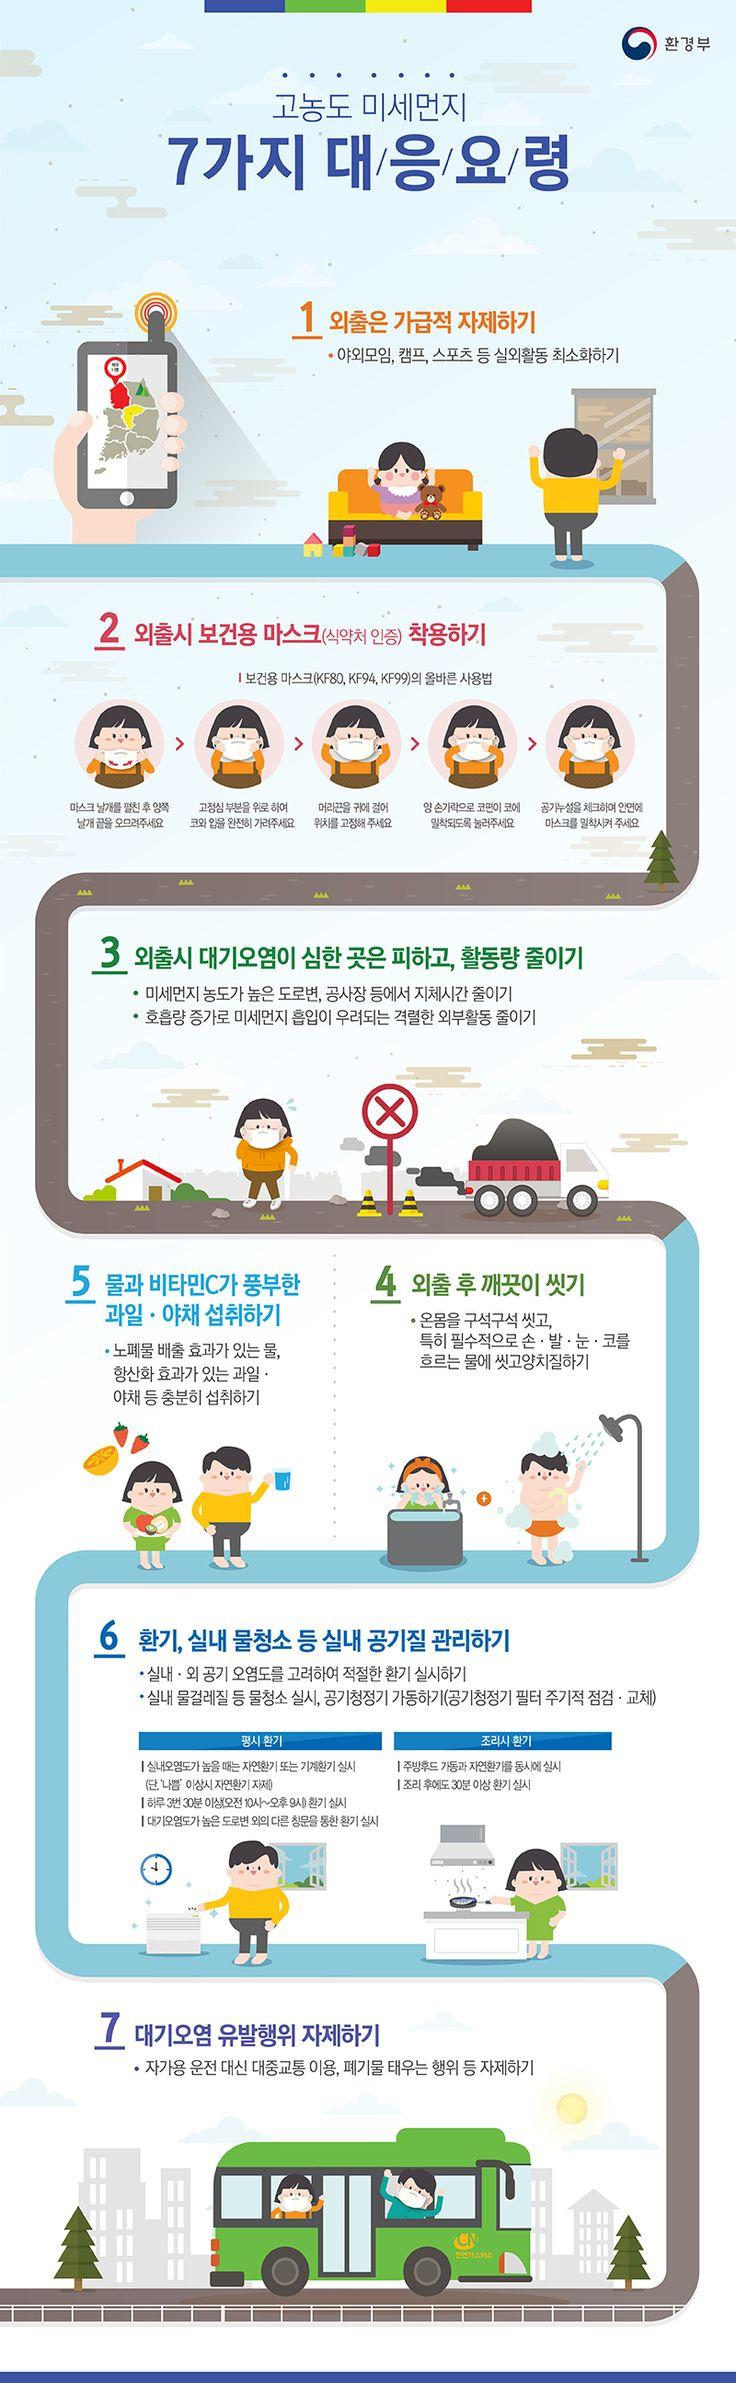 [infographic]'고농도 미세먼지 7가지 대응요령'에 대한 인포그래픽